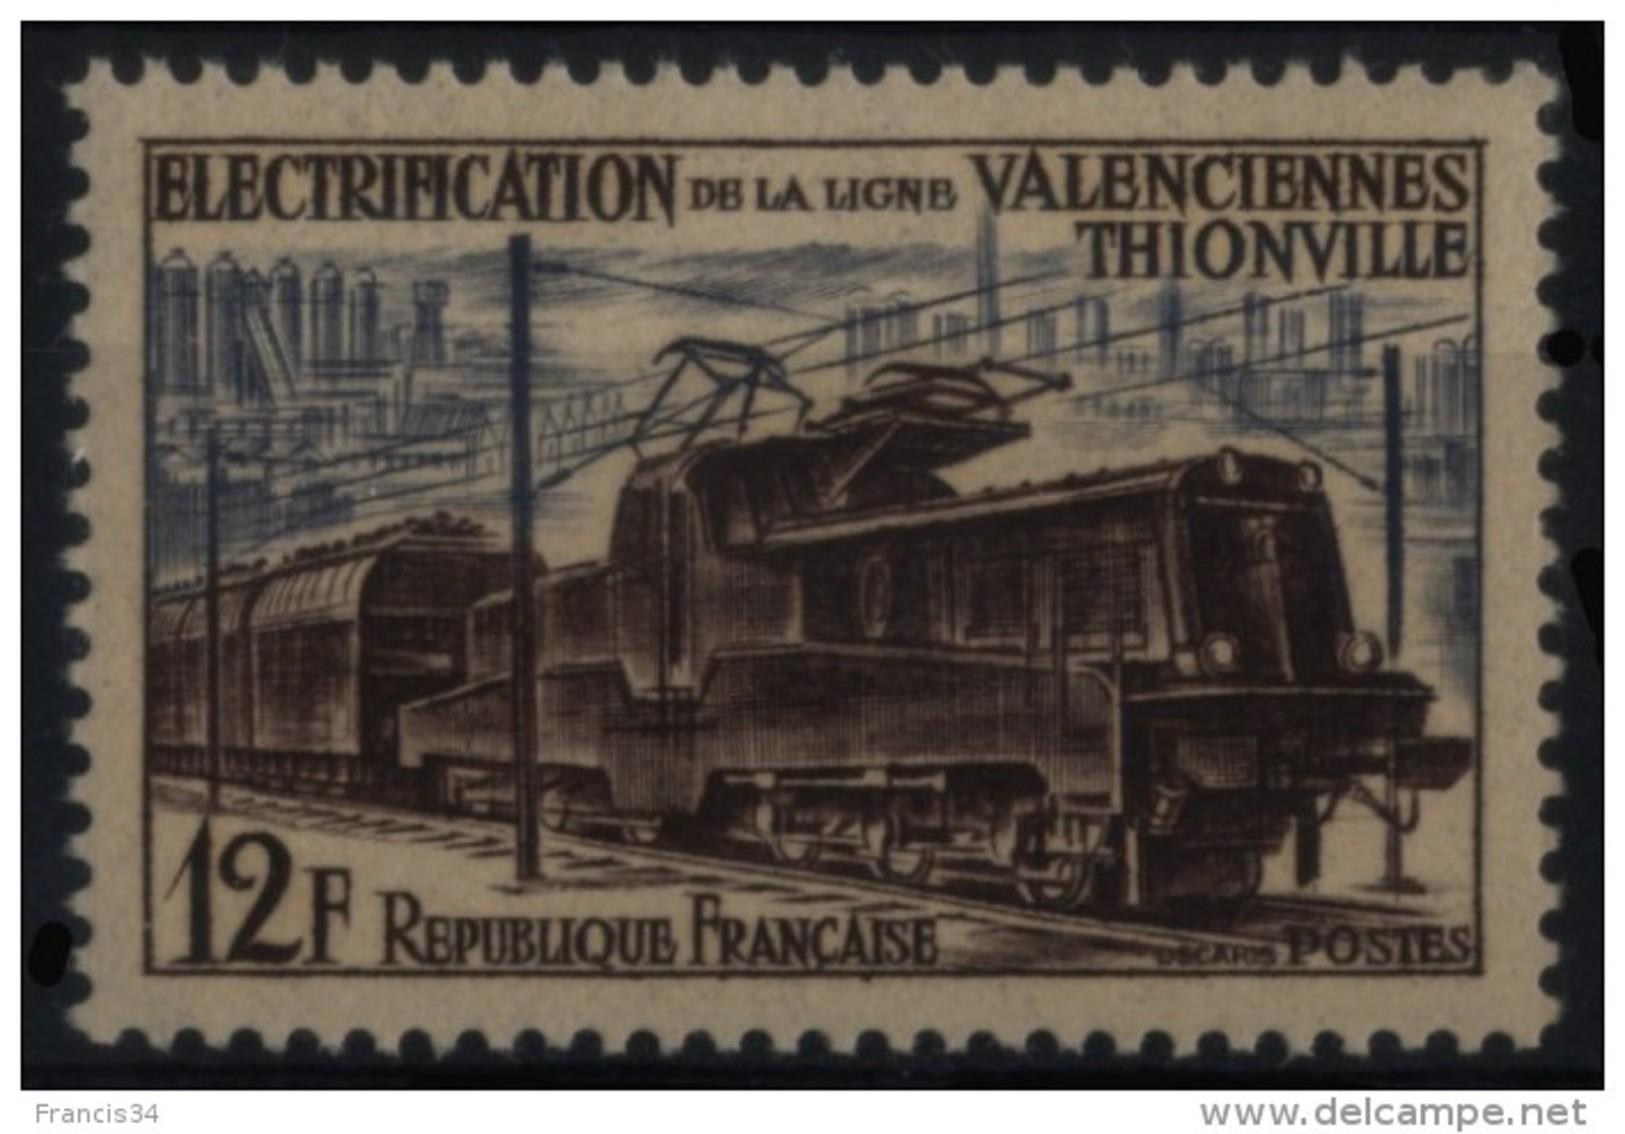 N° 1024 - X X - ( F 363 ) - ( Electrification De La Ligne Valenciennes Thionville ) - Ungebraucht